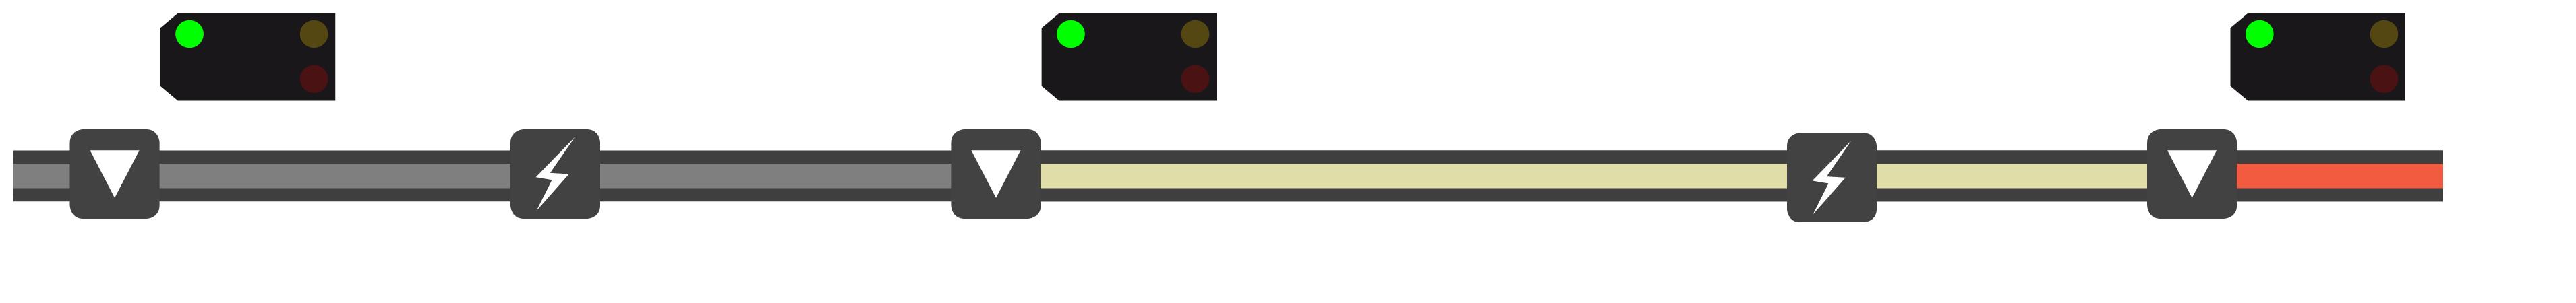 Visualisierung der ALAN Blocksignalisierung - Bild 03 von 18